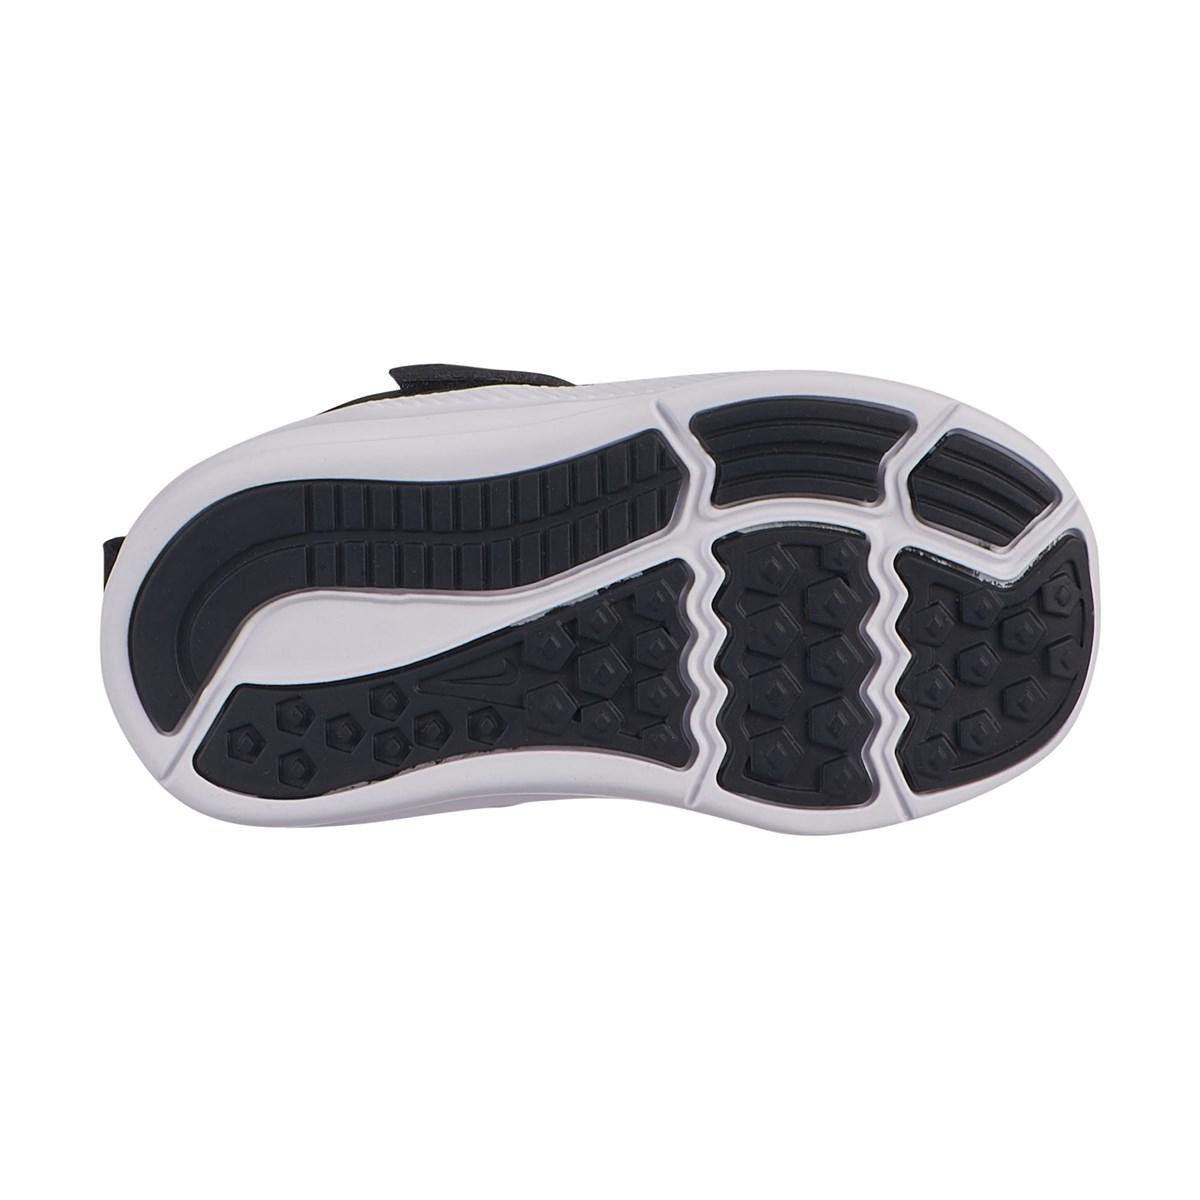 Downshifter 9 Bebek Siyah Spor Ayakkabı (AR4137-003)